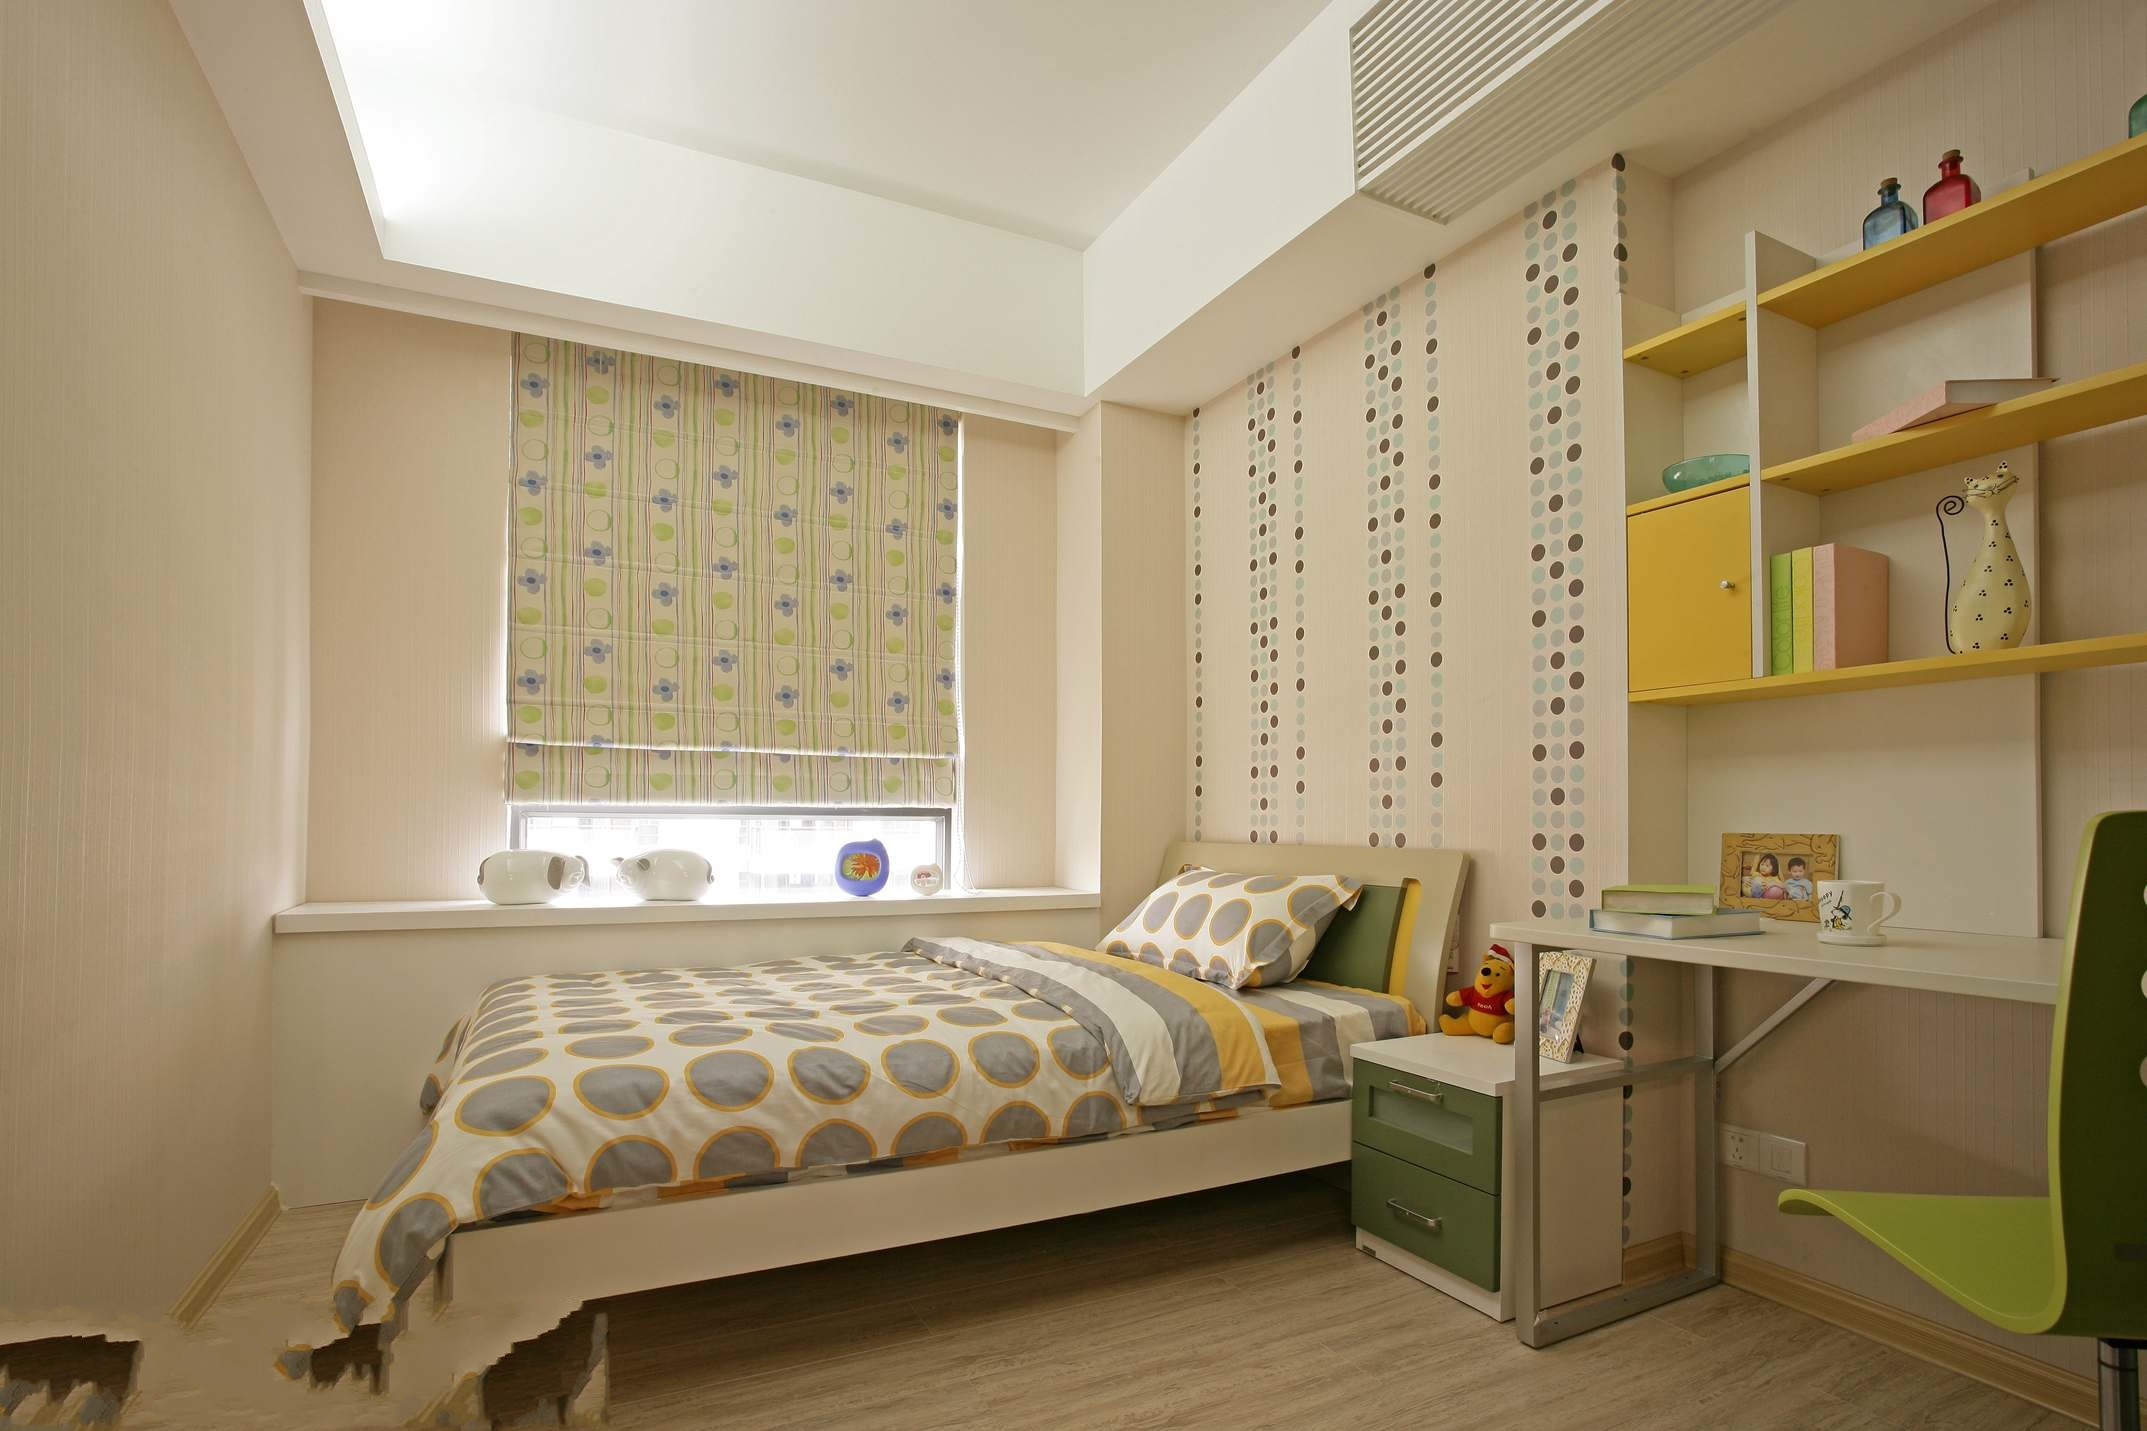 儿童房定制设计,给小朋友定制的温馨空间